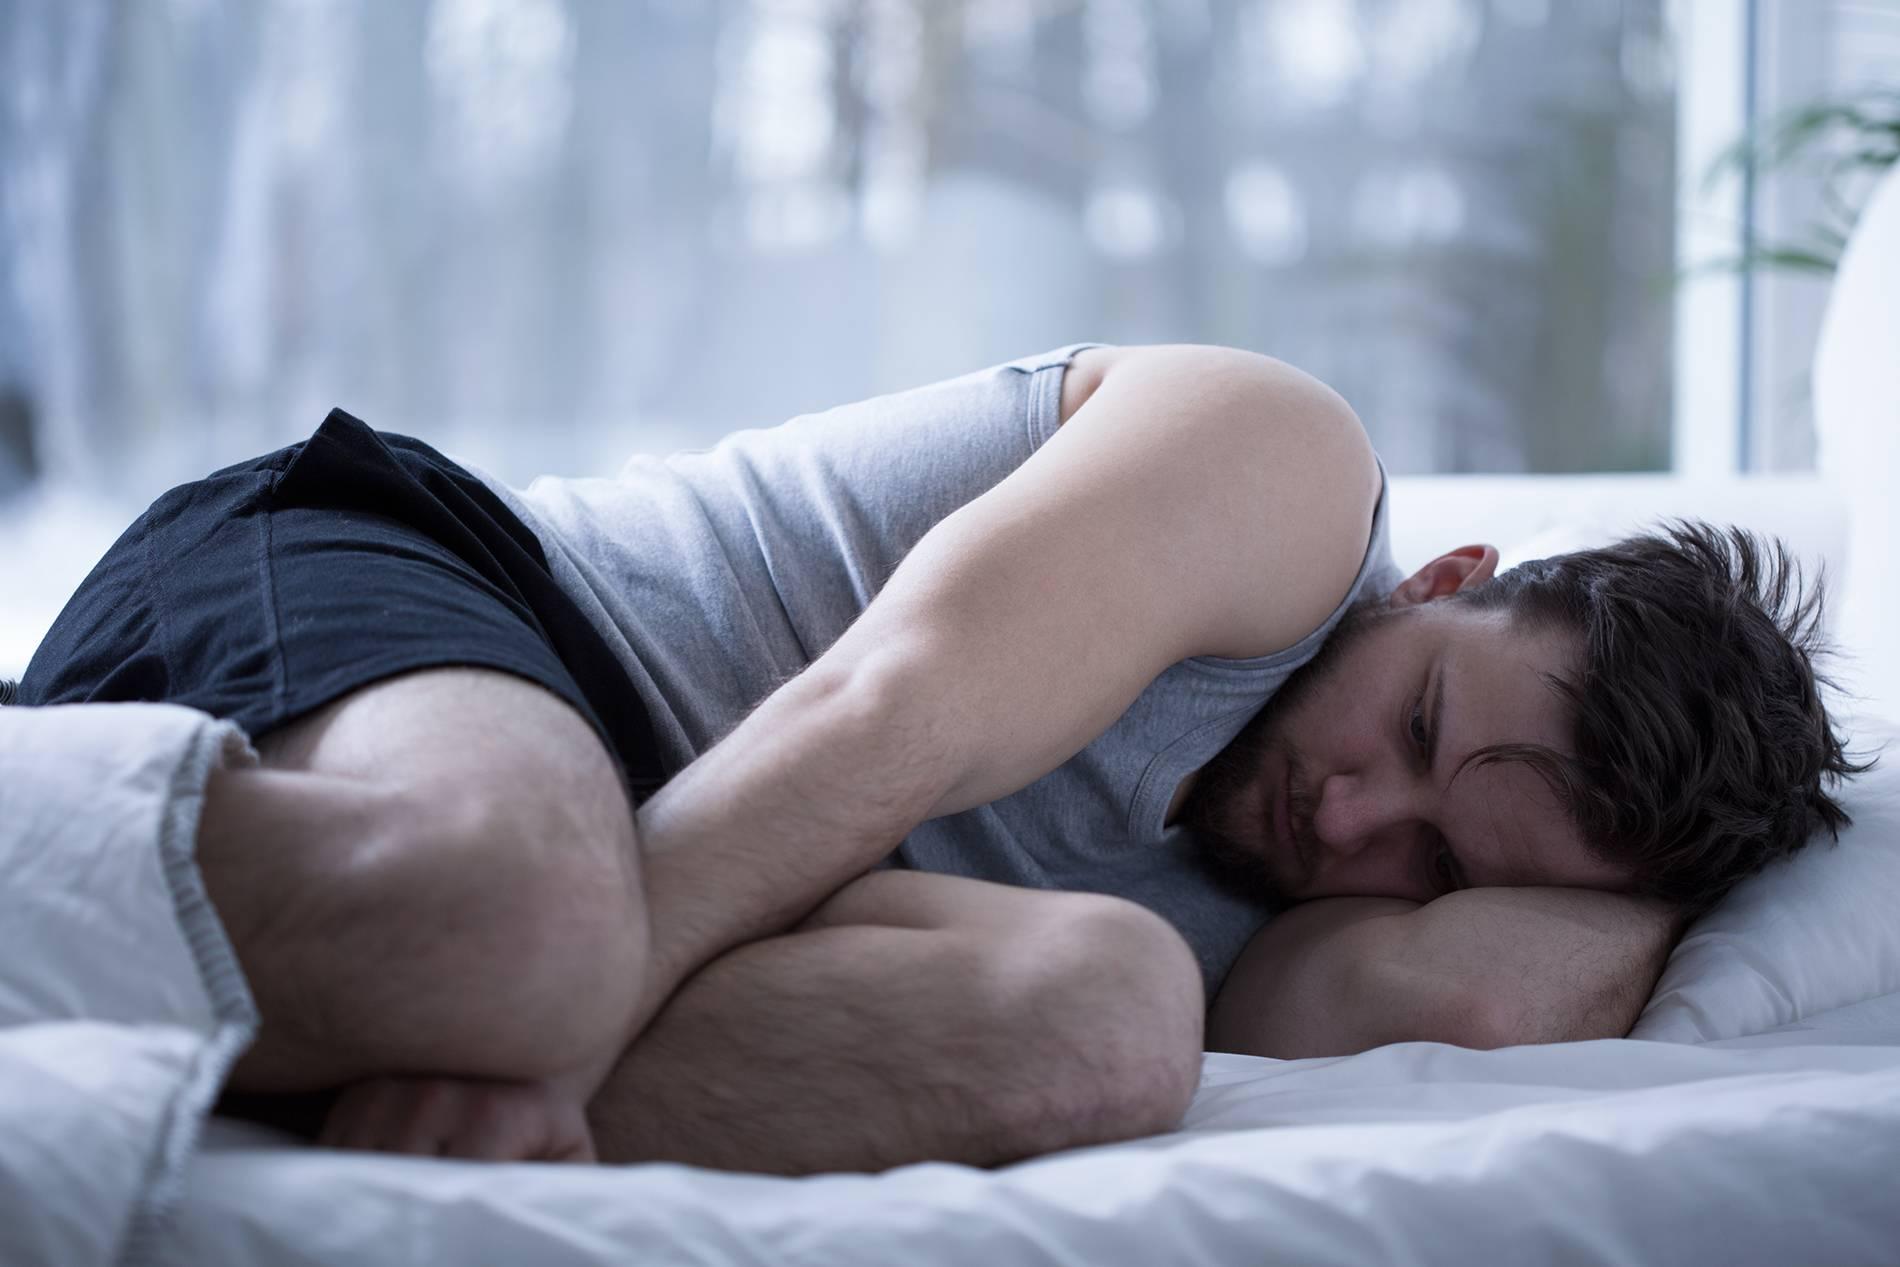 طرق علاج نقص هرمون الذكورة وافضل النصائح لزيادة الخصوبة لدي الرجال